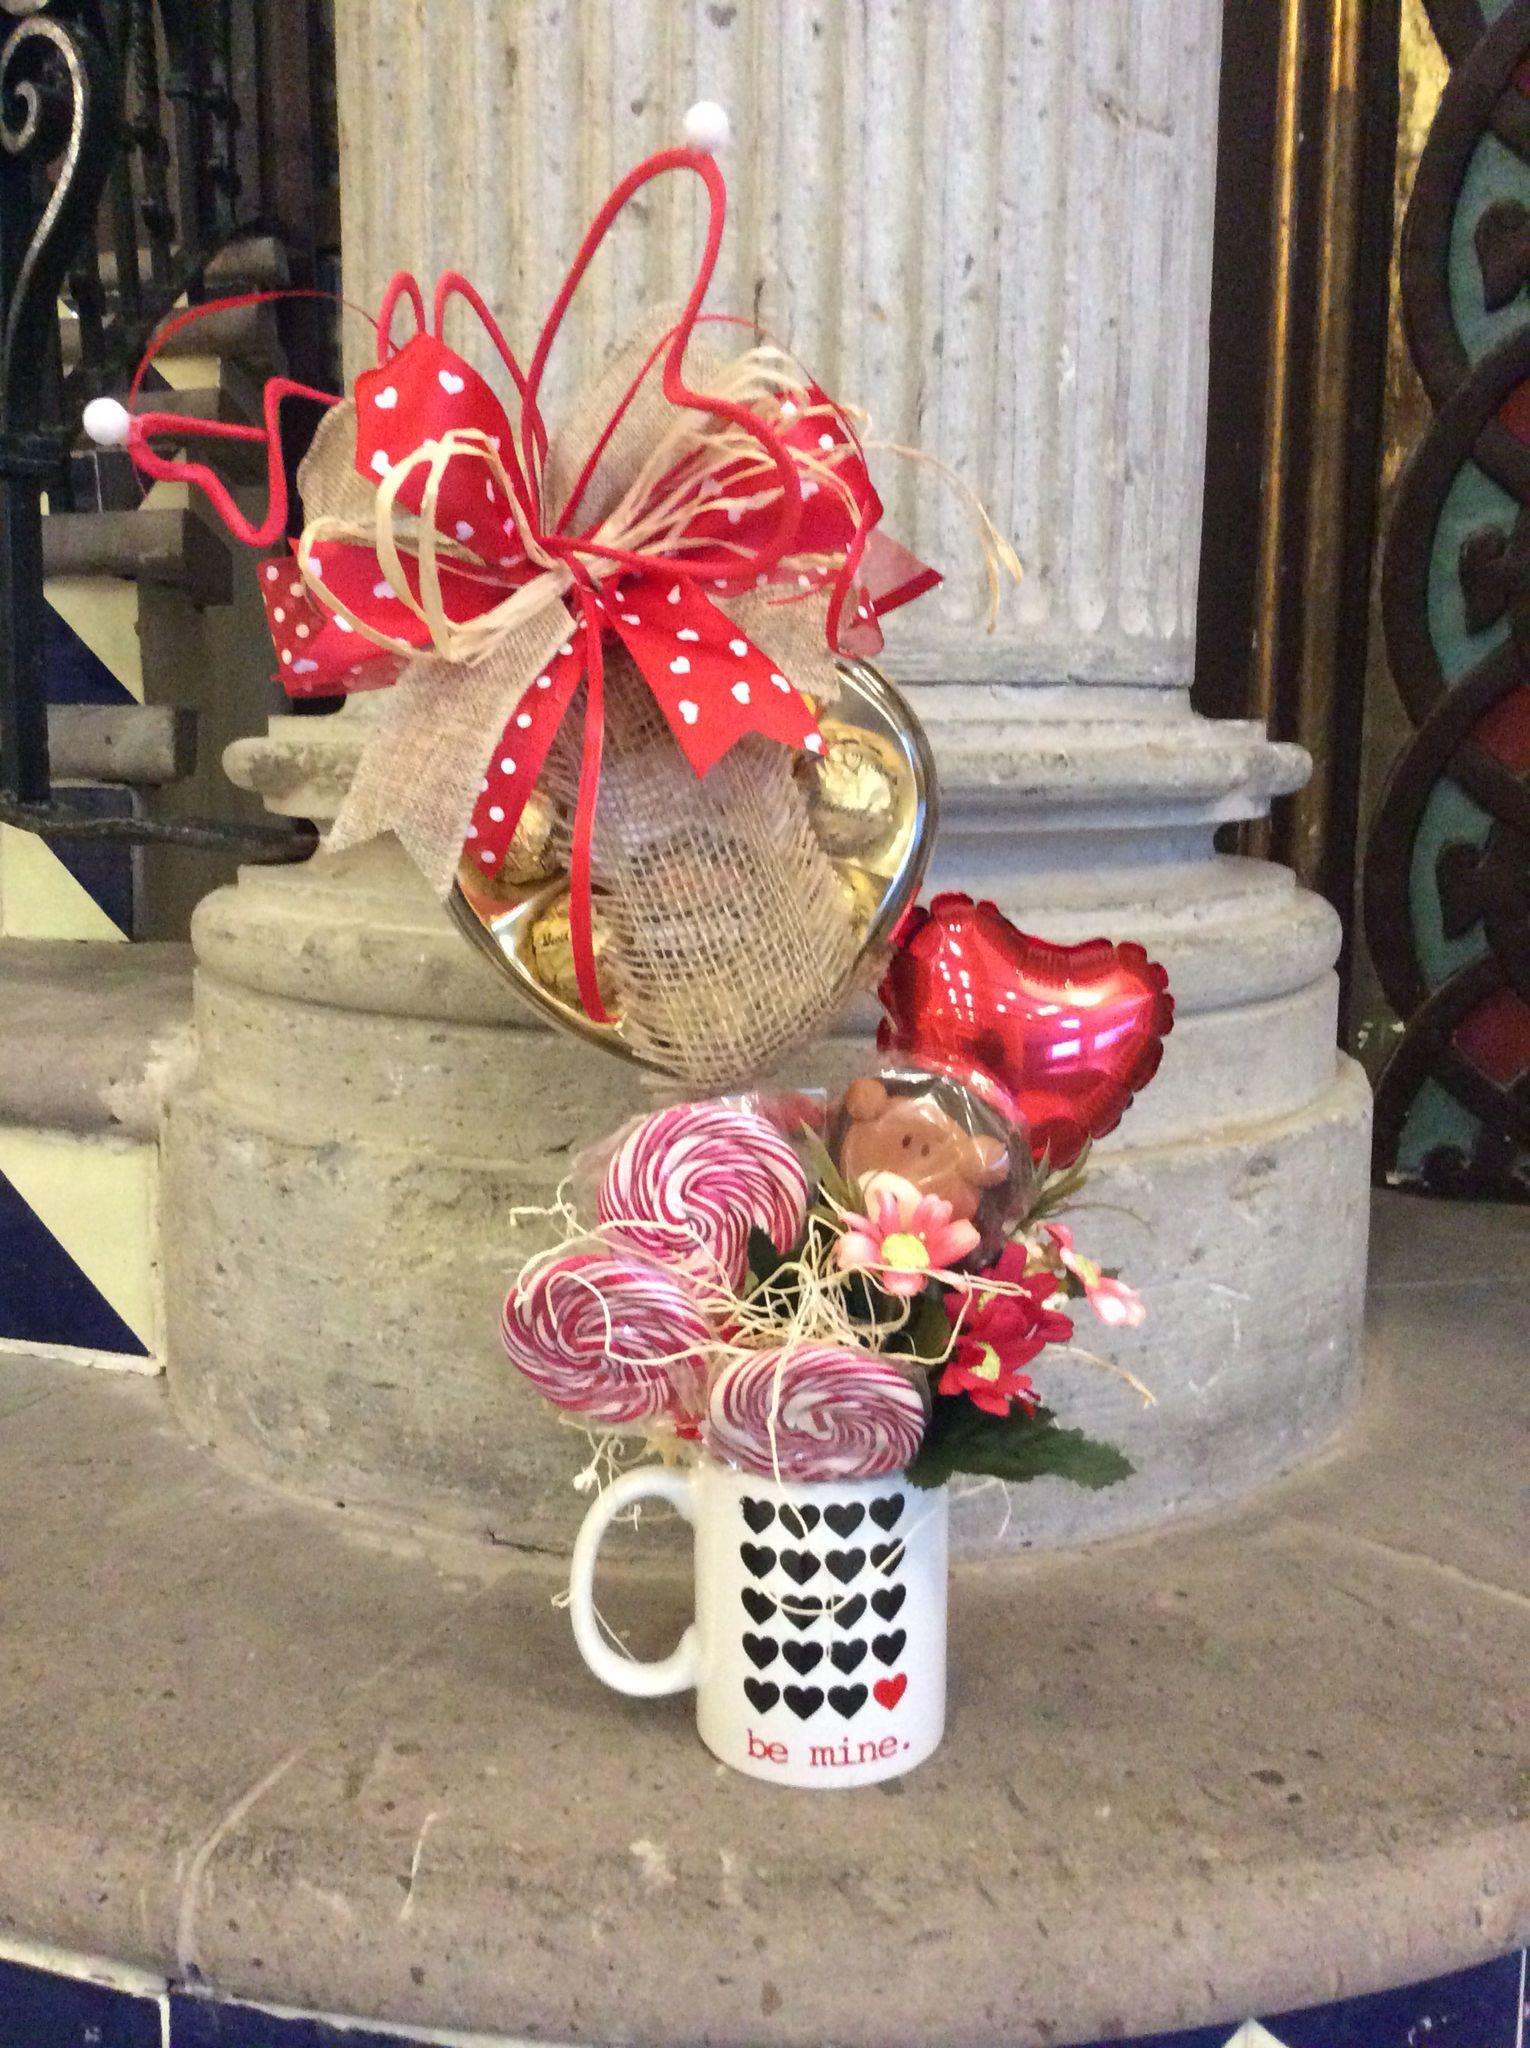 Caja Y Para El Febrero Madera En De Febrero Arreglos Amistad De 14 Amor De 14 La Dia Del